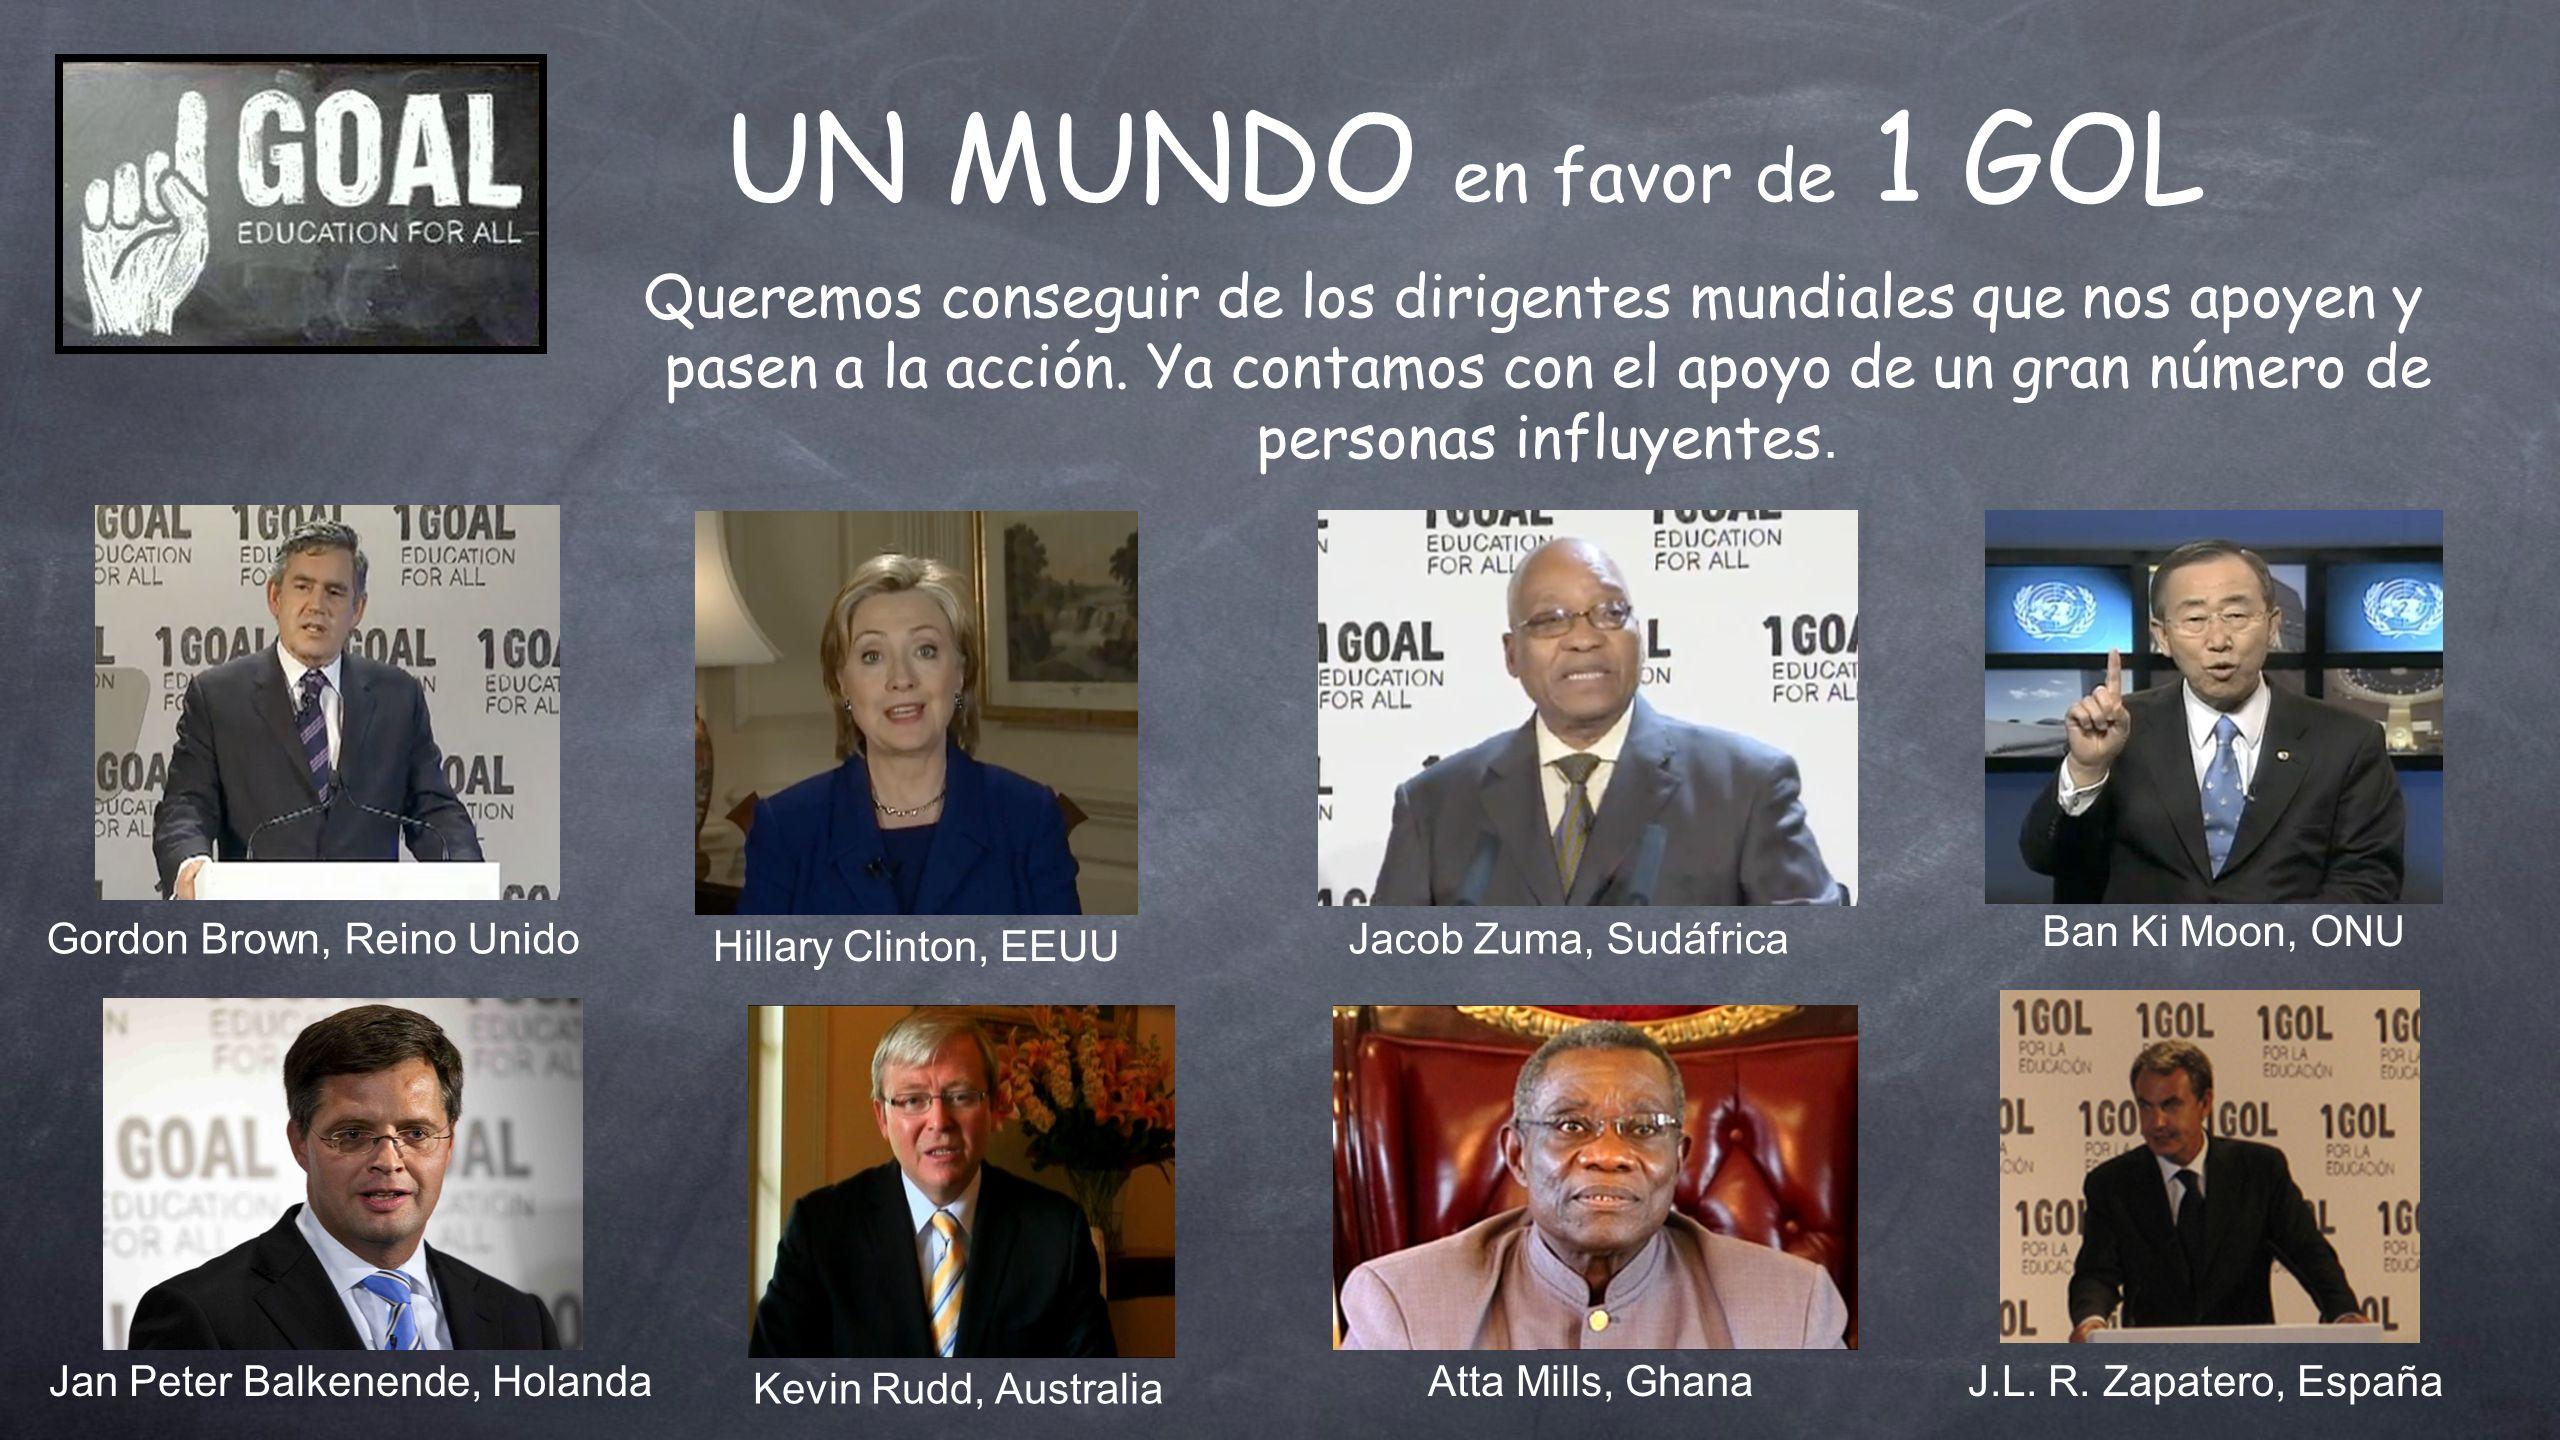 UN MUNDO en favor de 1 GOL Queremos conseguir de los dirigentes mundiales que nos apoyen y pasen a la acción.